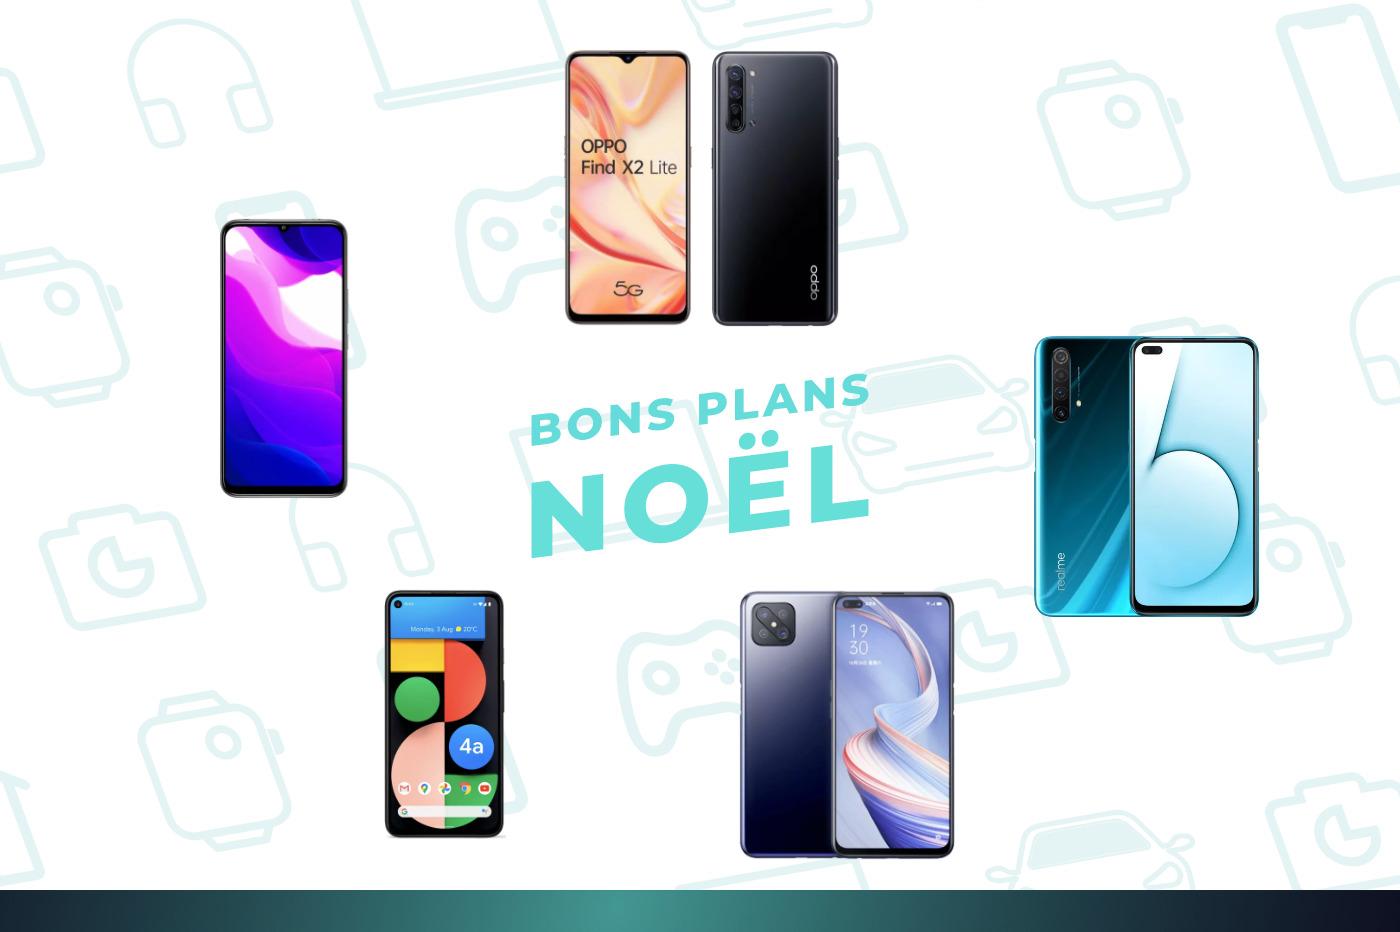 Le Black Friday des smartphones 5G : 4 très bons modèles autour de 300 euros